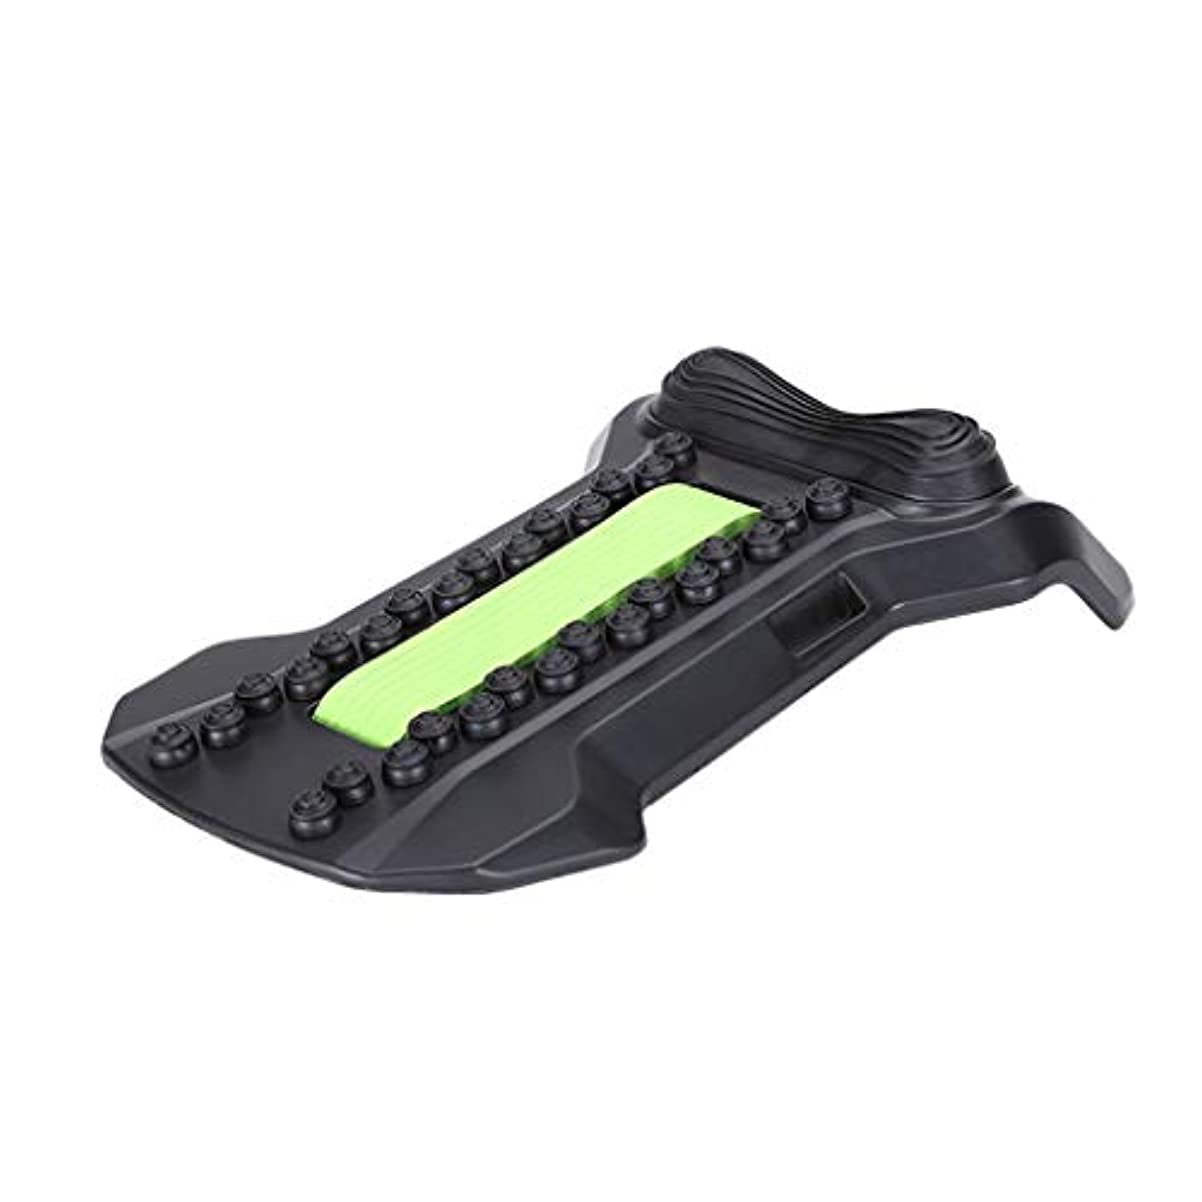 礼儀キャメル養う背部マッサージャーの伸張装置、腰椎サポート弛緩の魔法の伸張器の適性の仲間の脊椎の痛みを和らげるカイロプラクター,Green